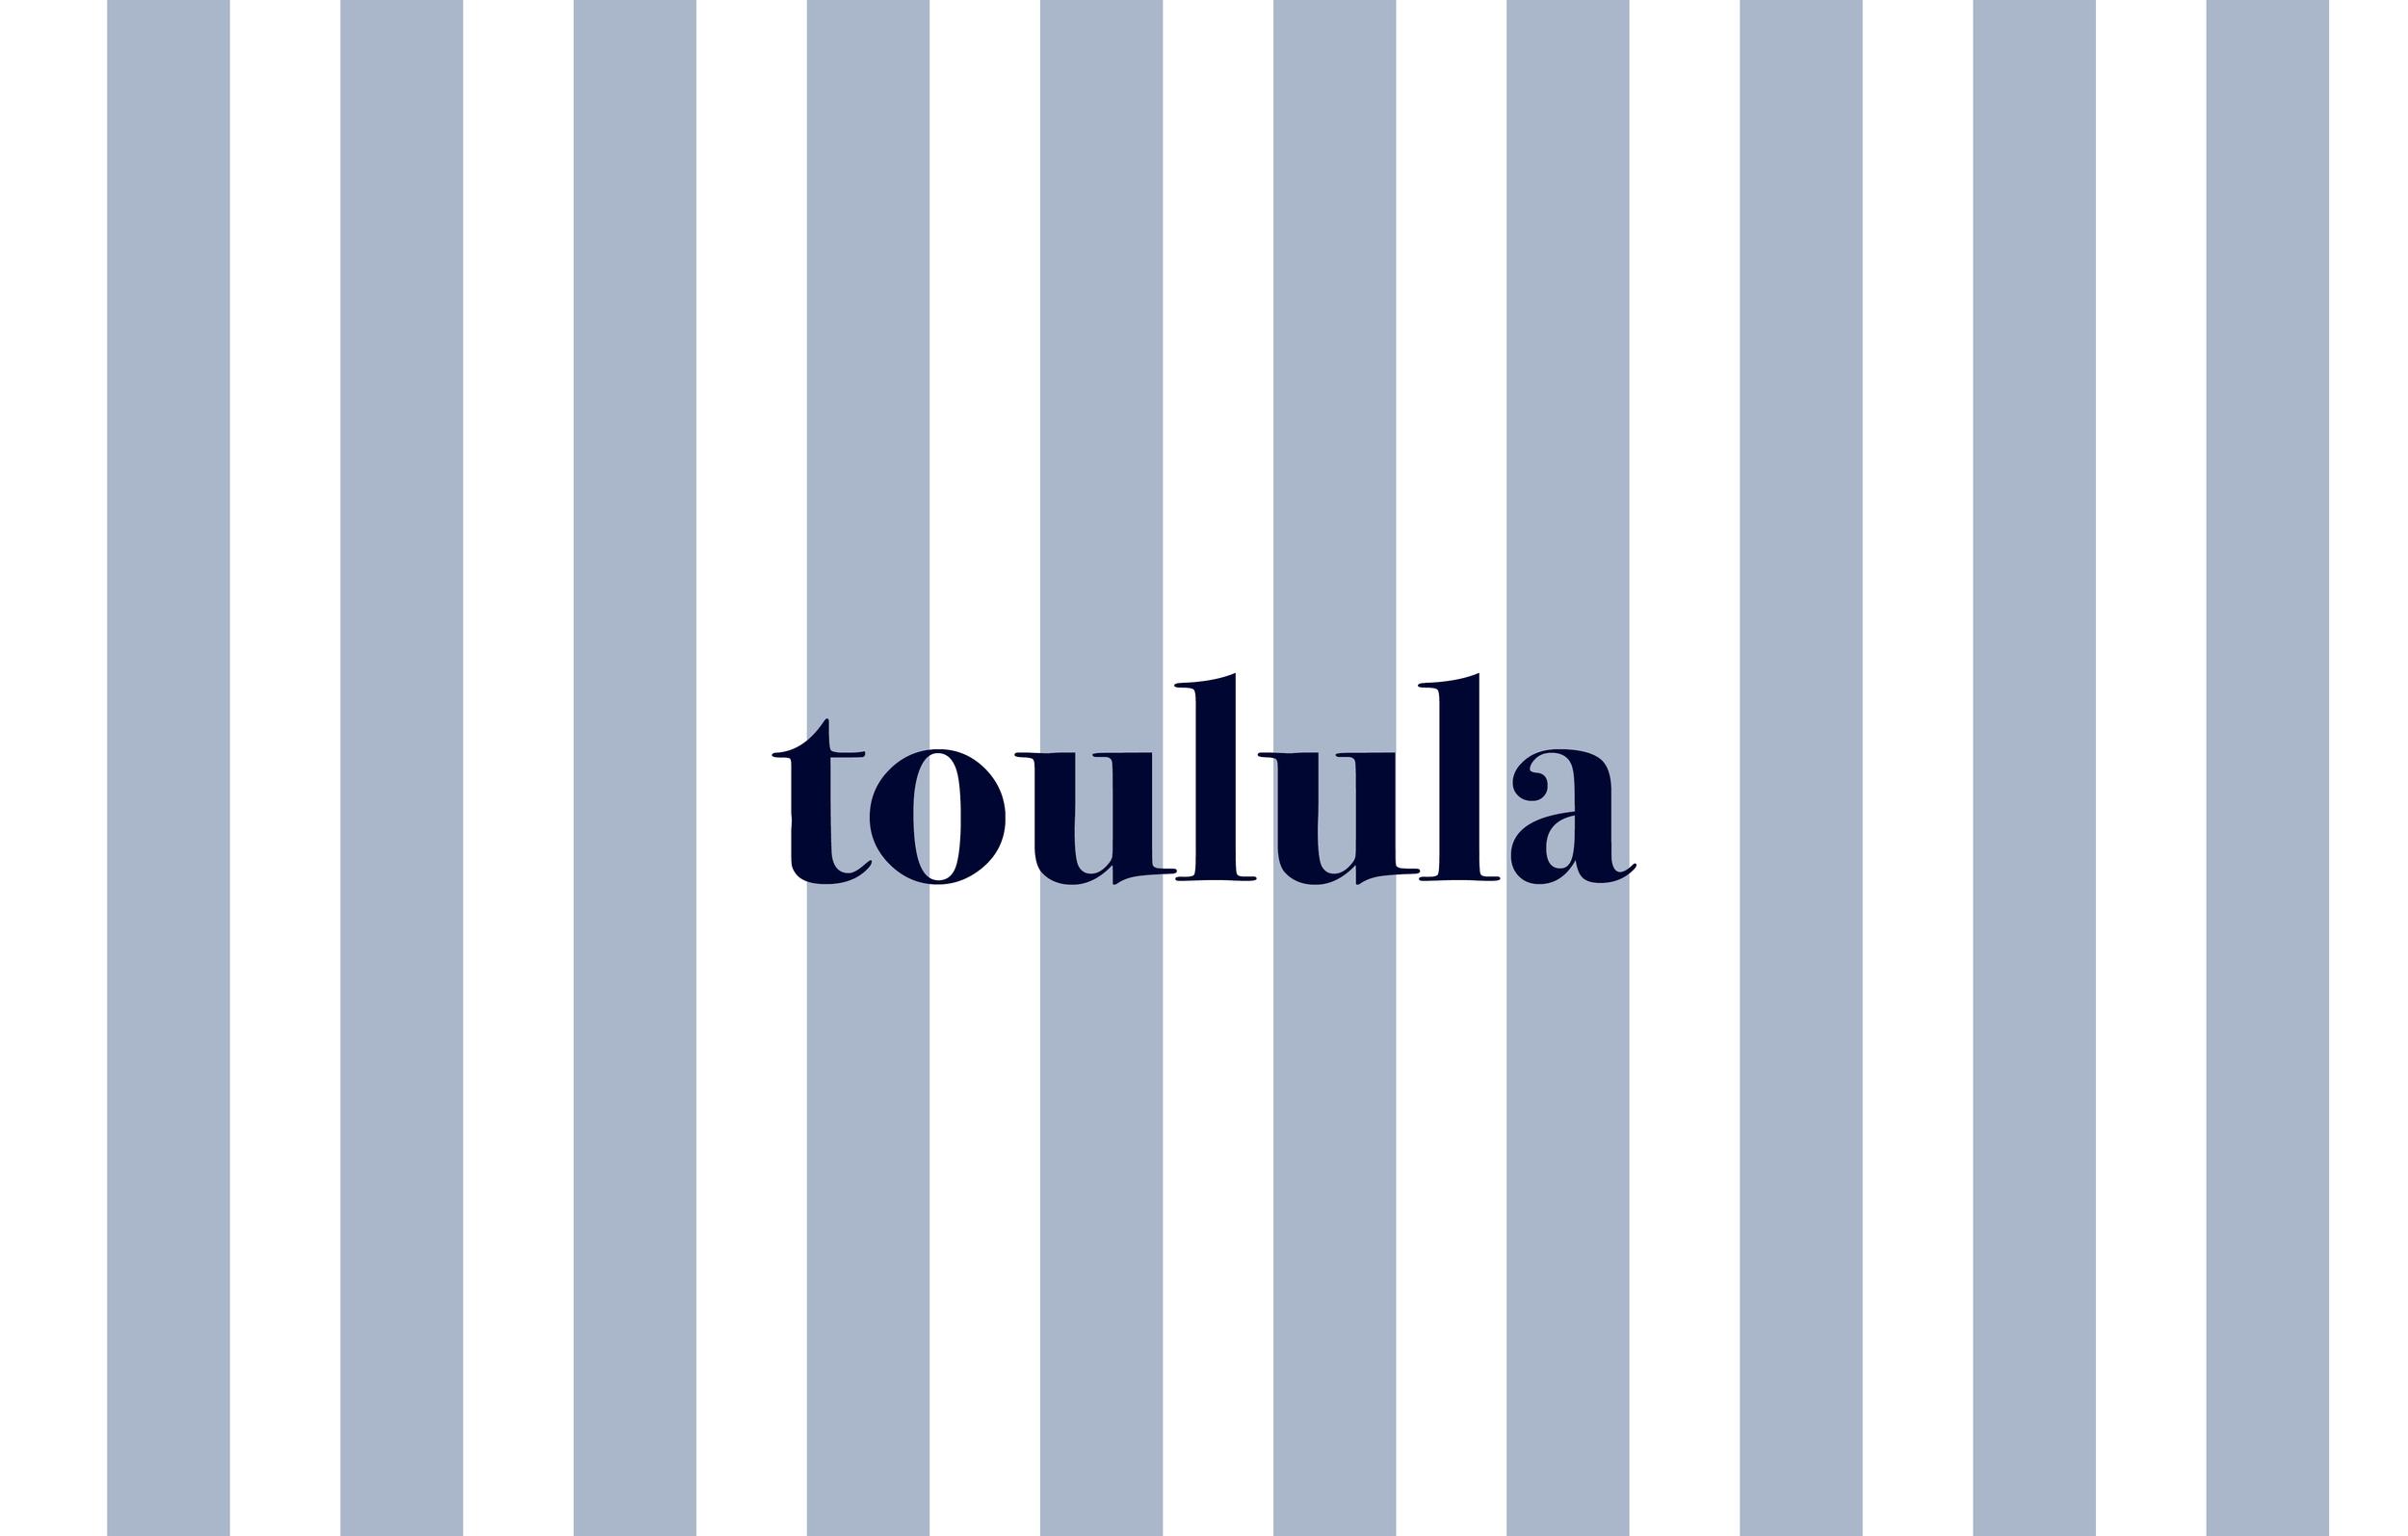 Toulula Concept